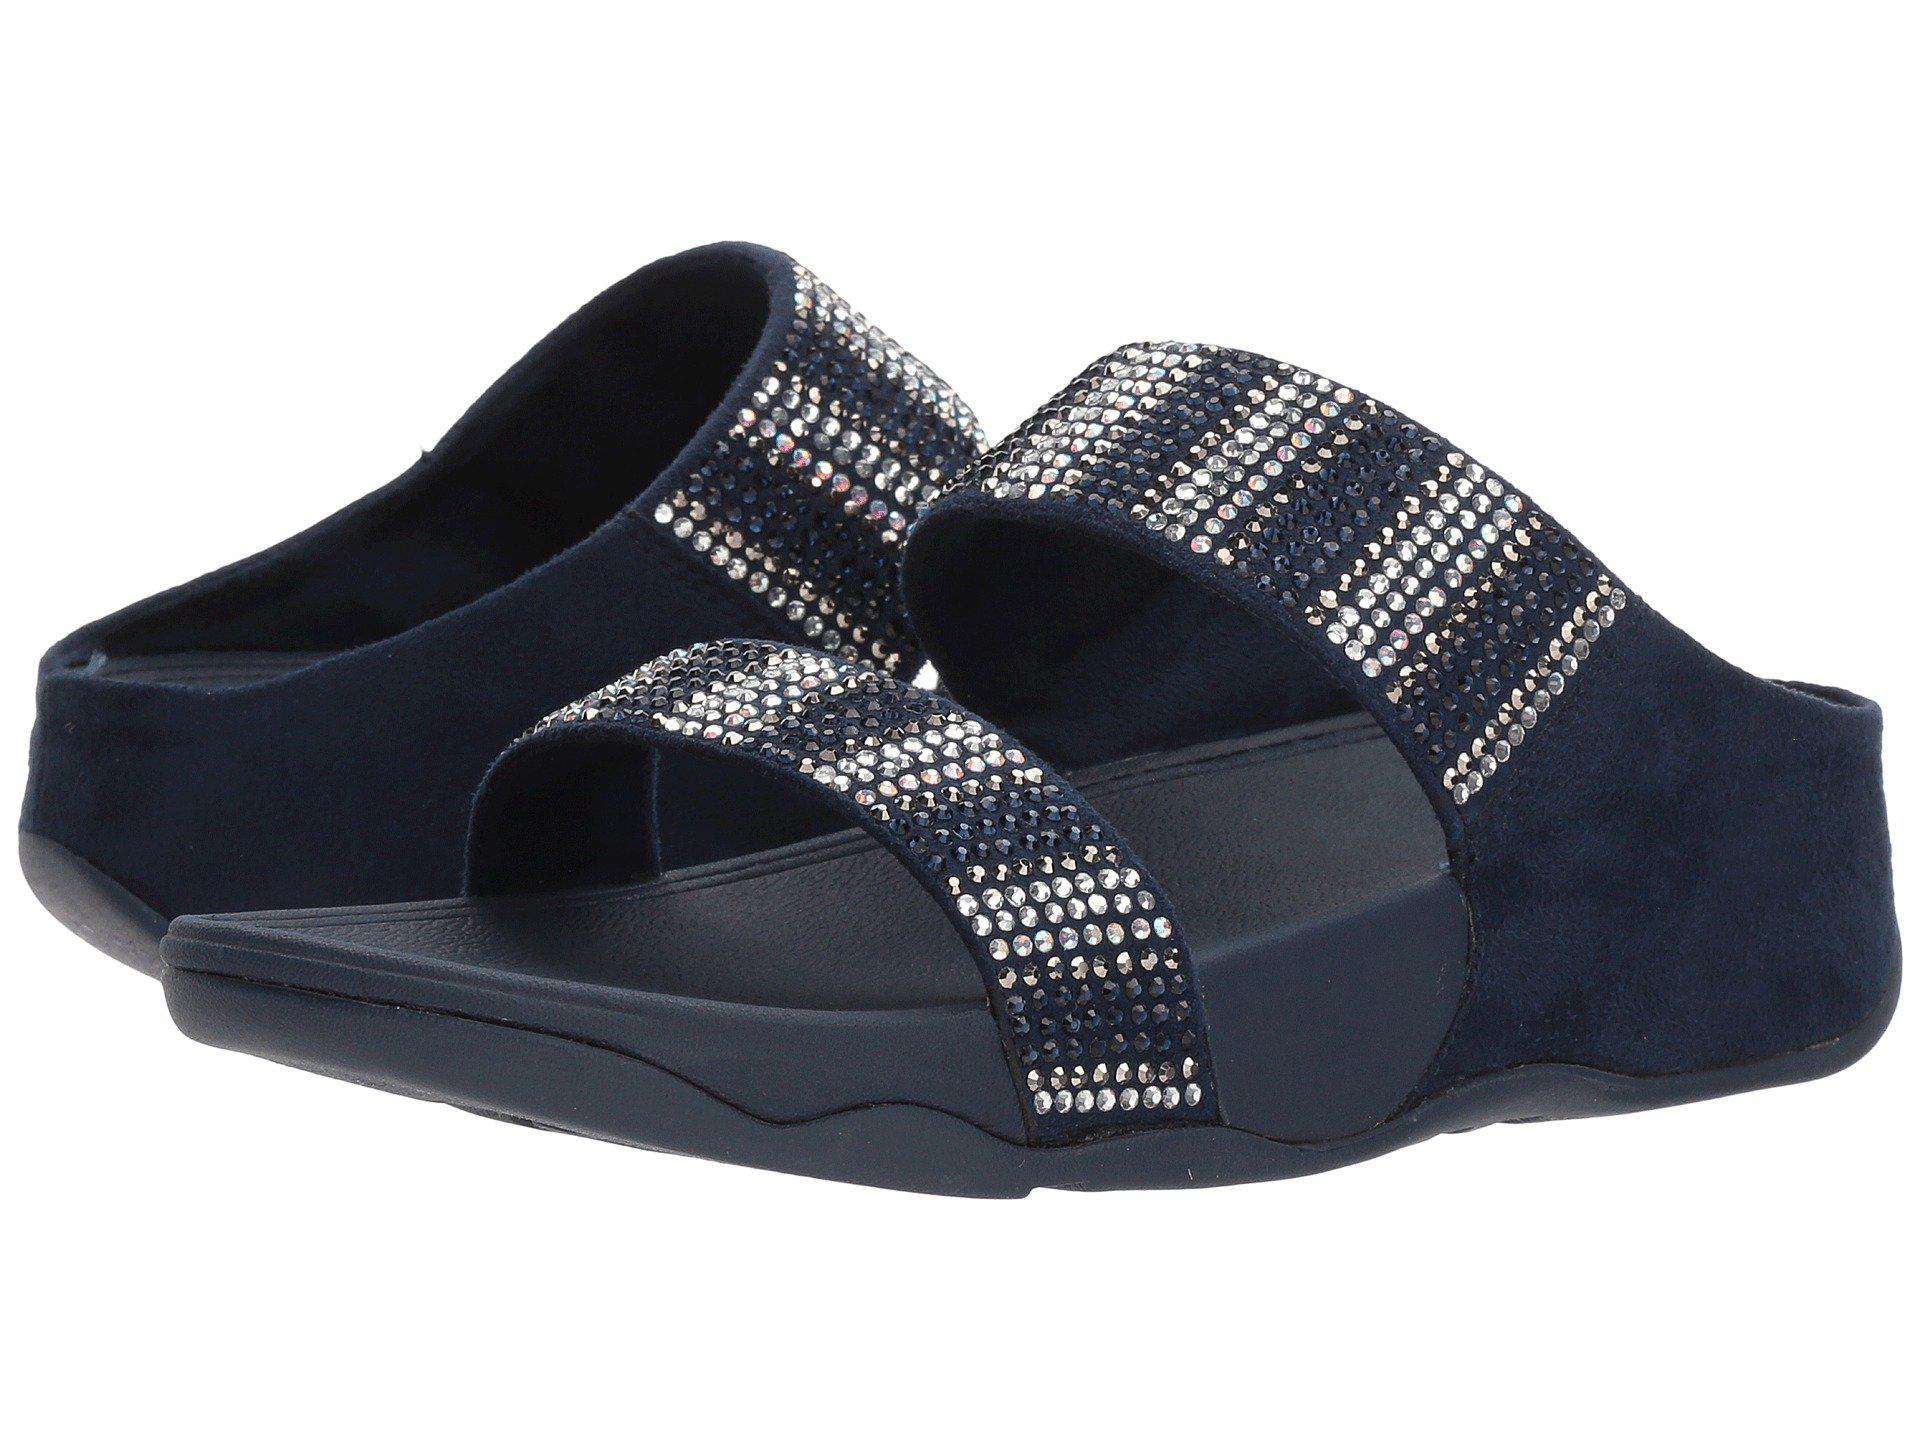 Footlocker Finishline Online FitFlop Women's Flare Strobe Slide Open Toe Sandals Hot Sale Online Authentic For Sale jGOXdv